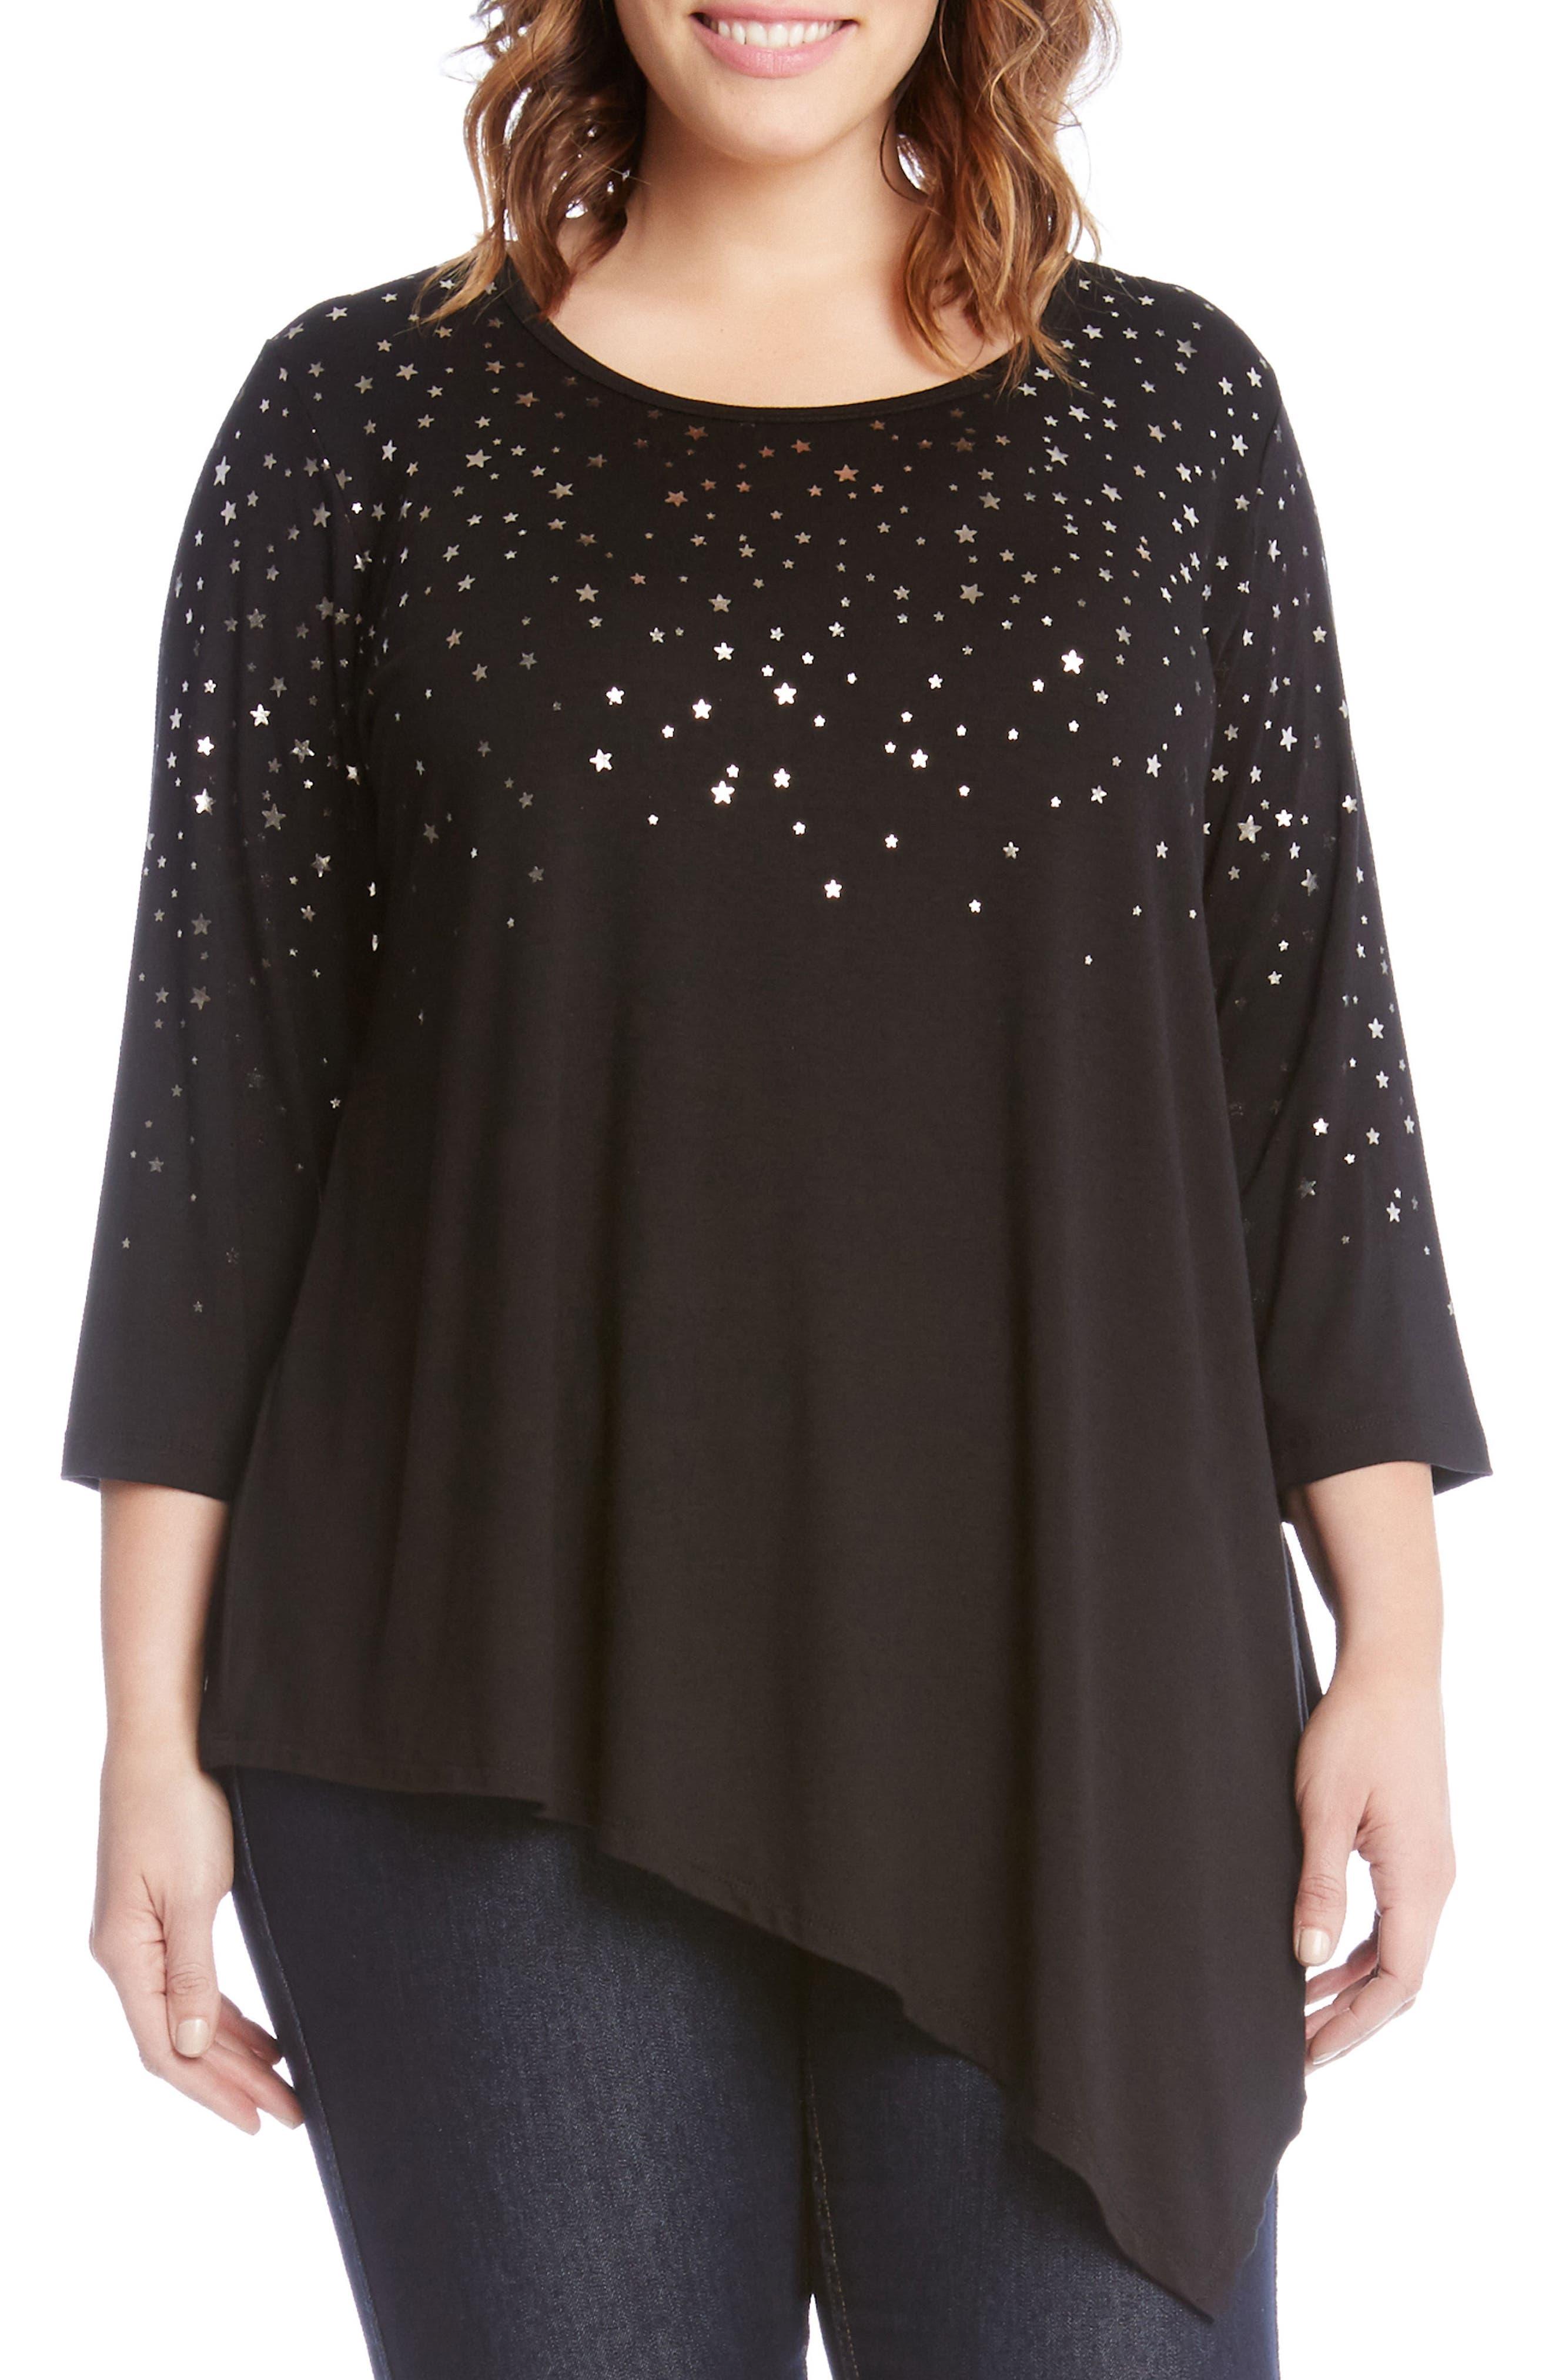 Main Image - Karen Kane Falling Stars Asymmetrical Top (Plus Size)